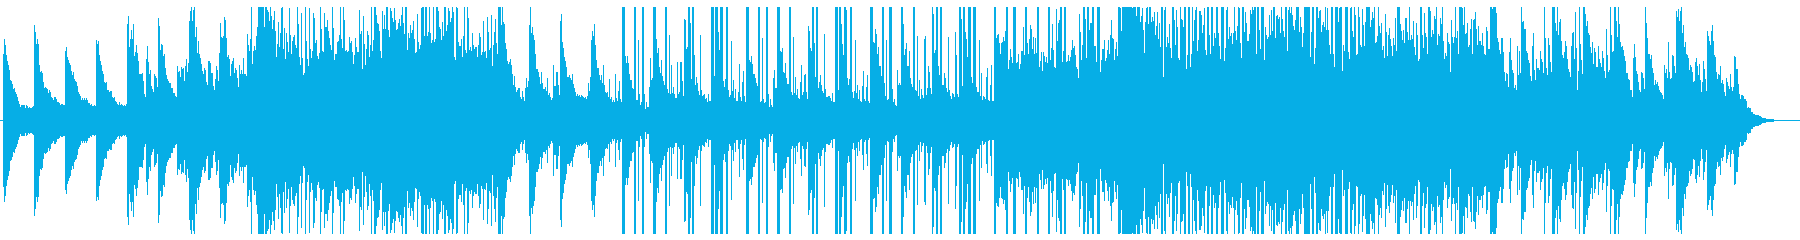 アンビエント リラックス のんびり...の再生済みの波形